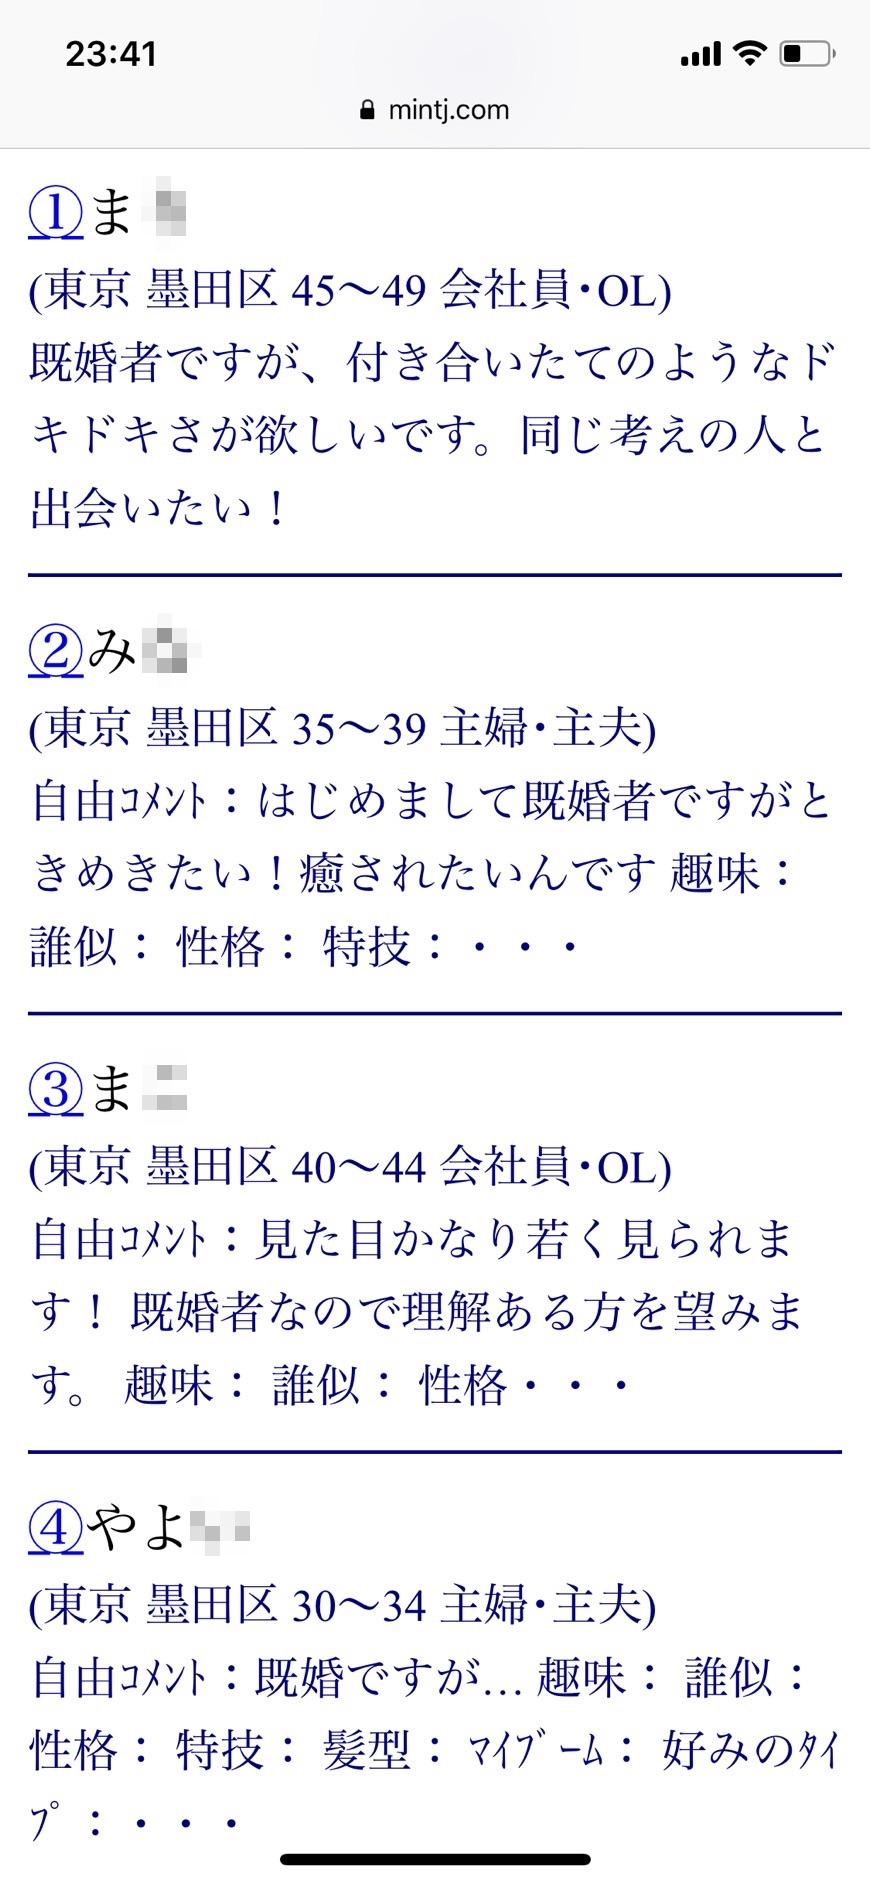 錦糸町・割り切り出会い掲示板(Jメール)